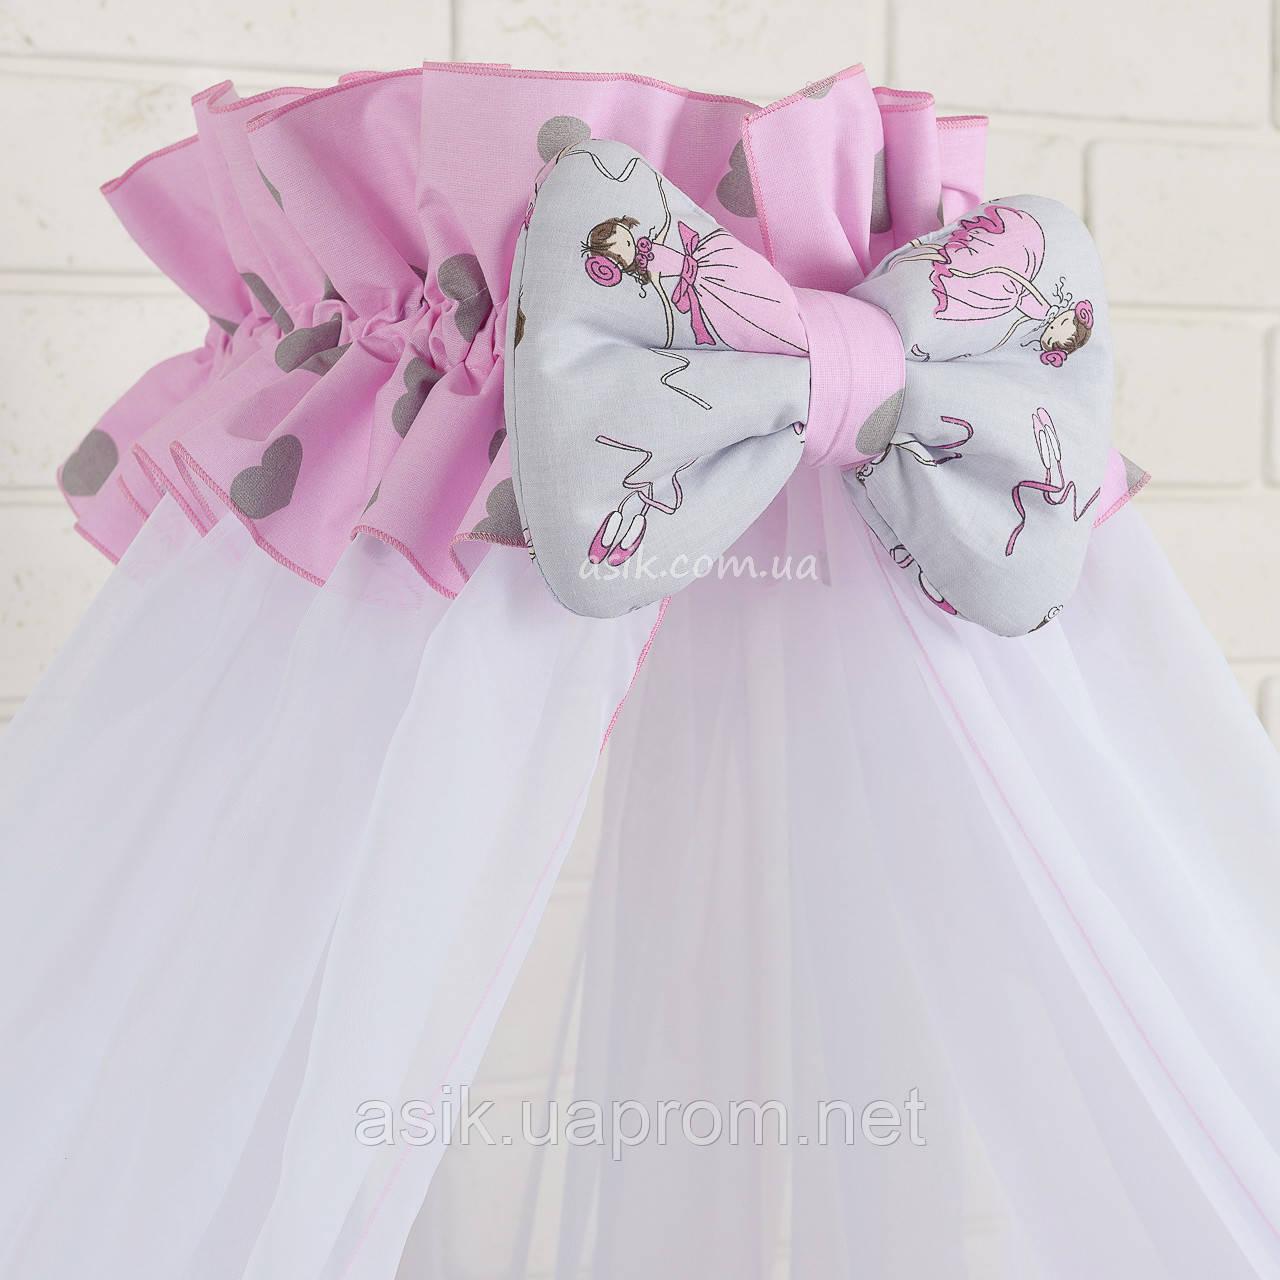 """Балдахін на ліжечко з оборкою """"Маленька балерина"""" сіро-рожевого кольору"""